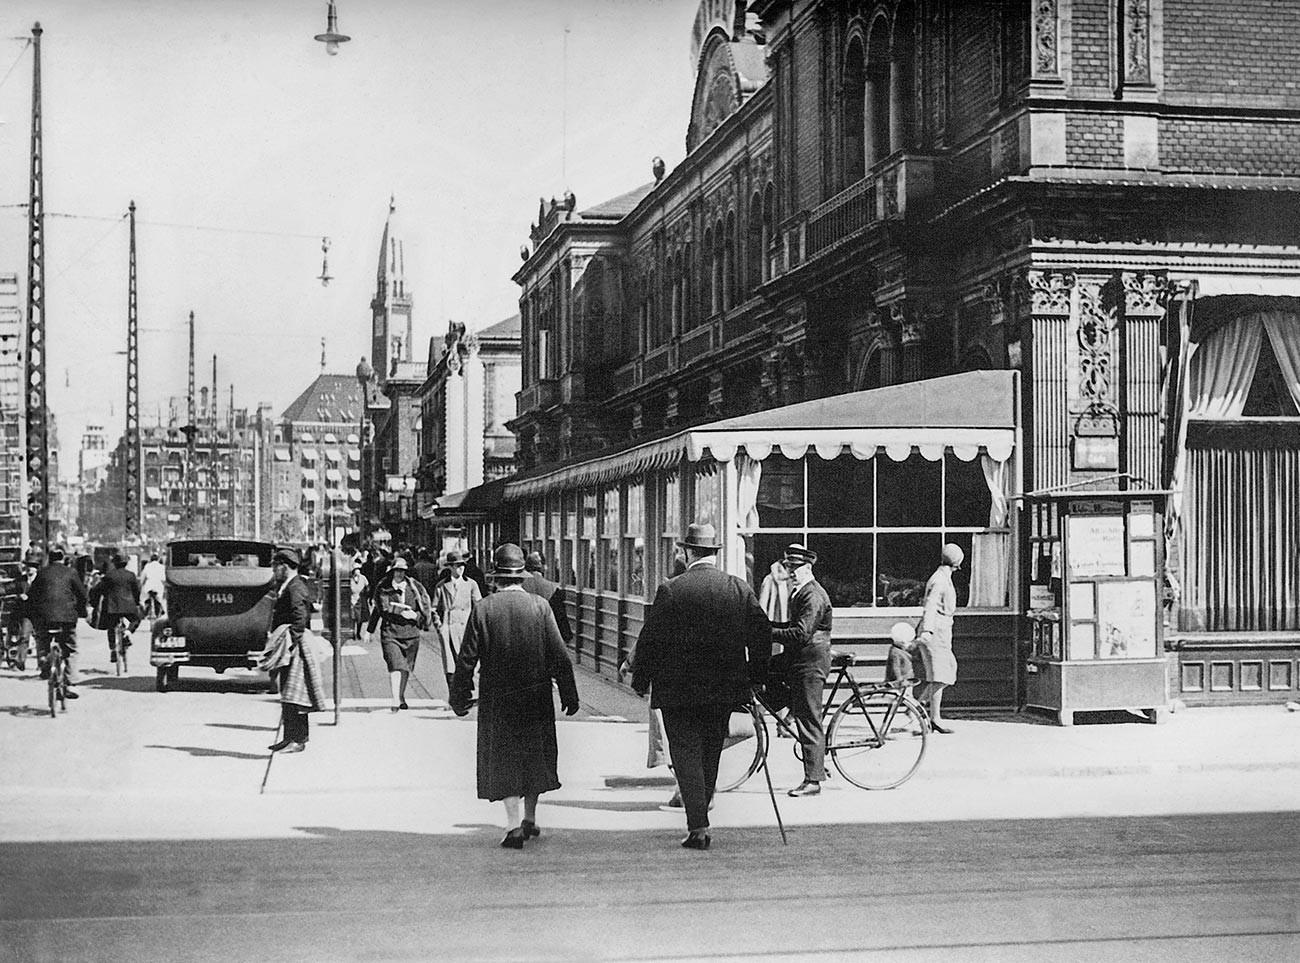 Suasana jalan yang sibuk di Kopenhagen, 1931.